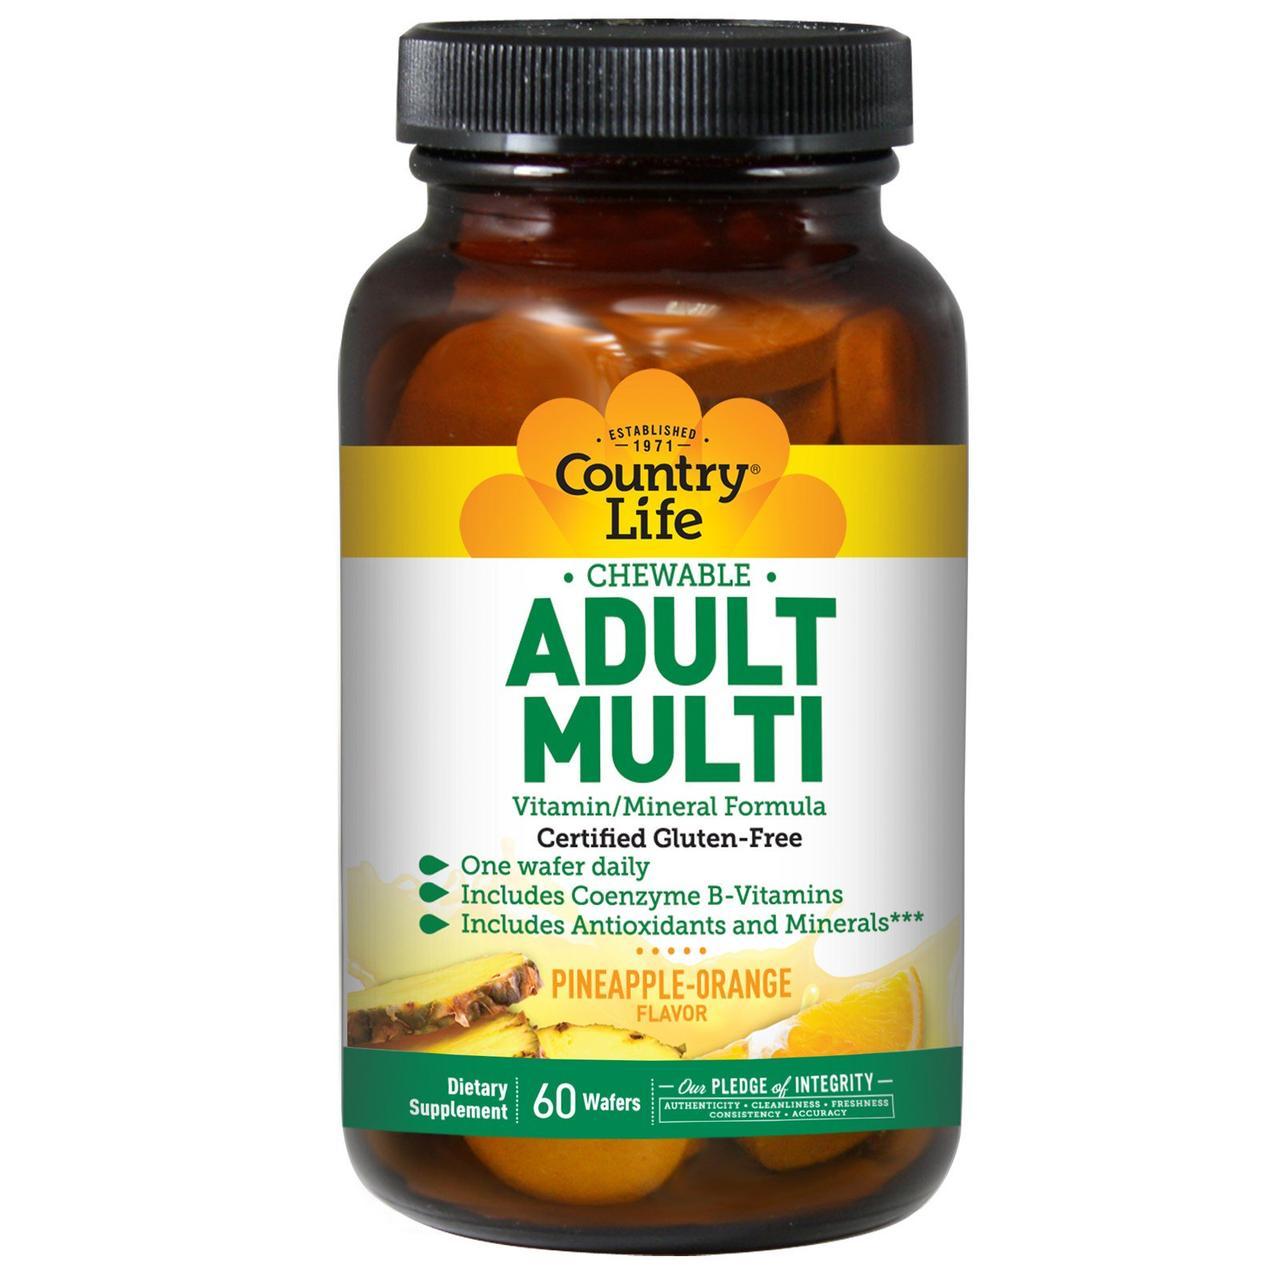 """Жевательные мультивитамины для взрослых """"Adult Multi"""" от Country Life, вкус ананаса и апельсина, 60 пастилок"""